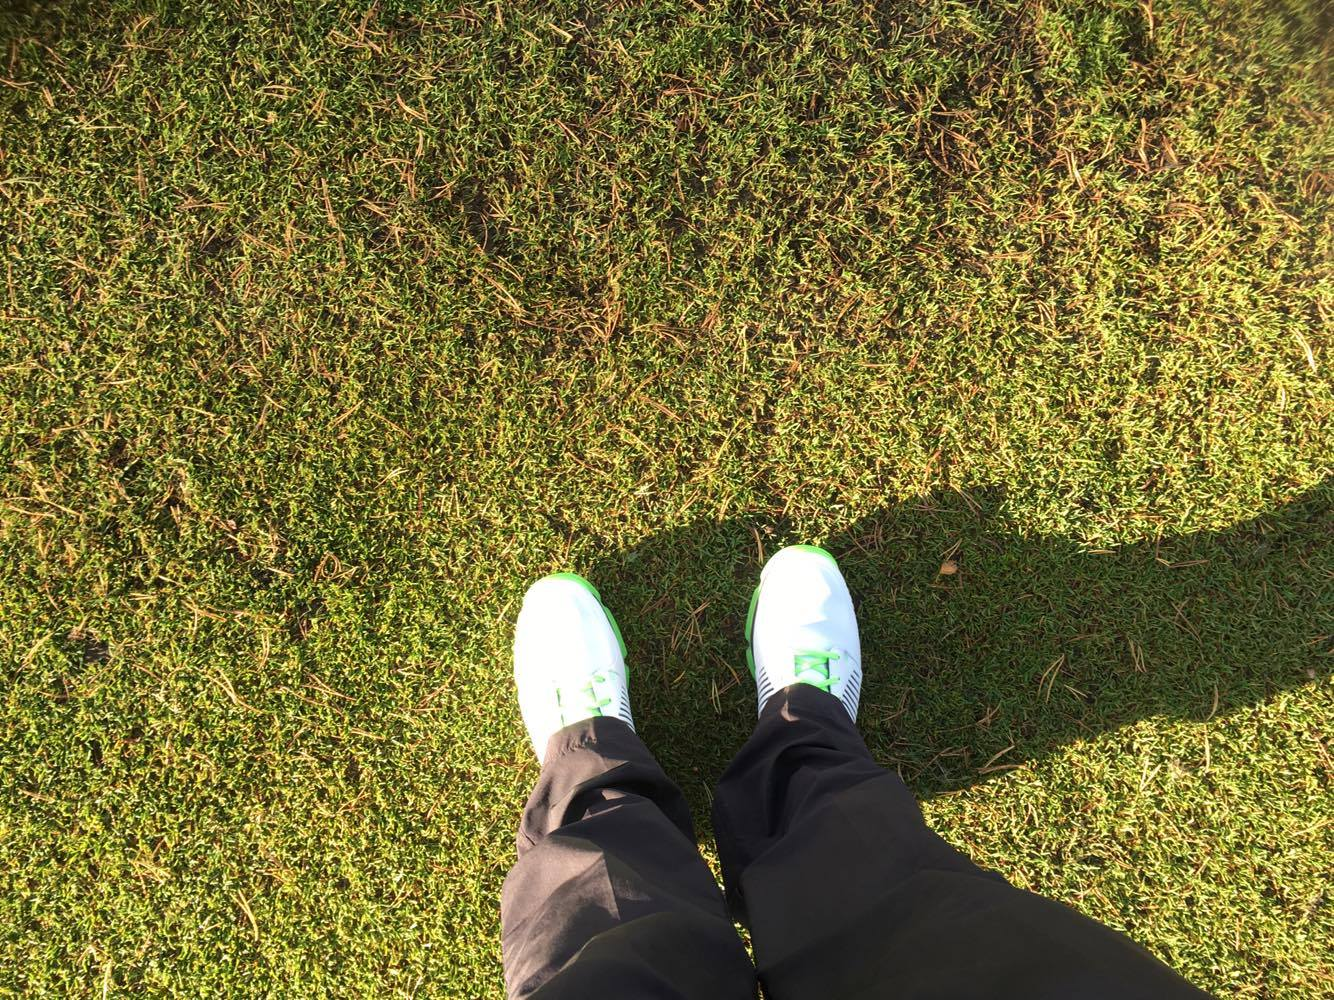 Premiär även för mina nya golfskor, matchade även dagens outfit. Mina gamla golfskor har jag tydligen blivit av med, lätt att bli så när man spela så sällan som jag.......